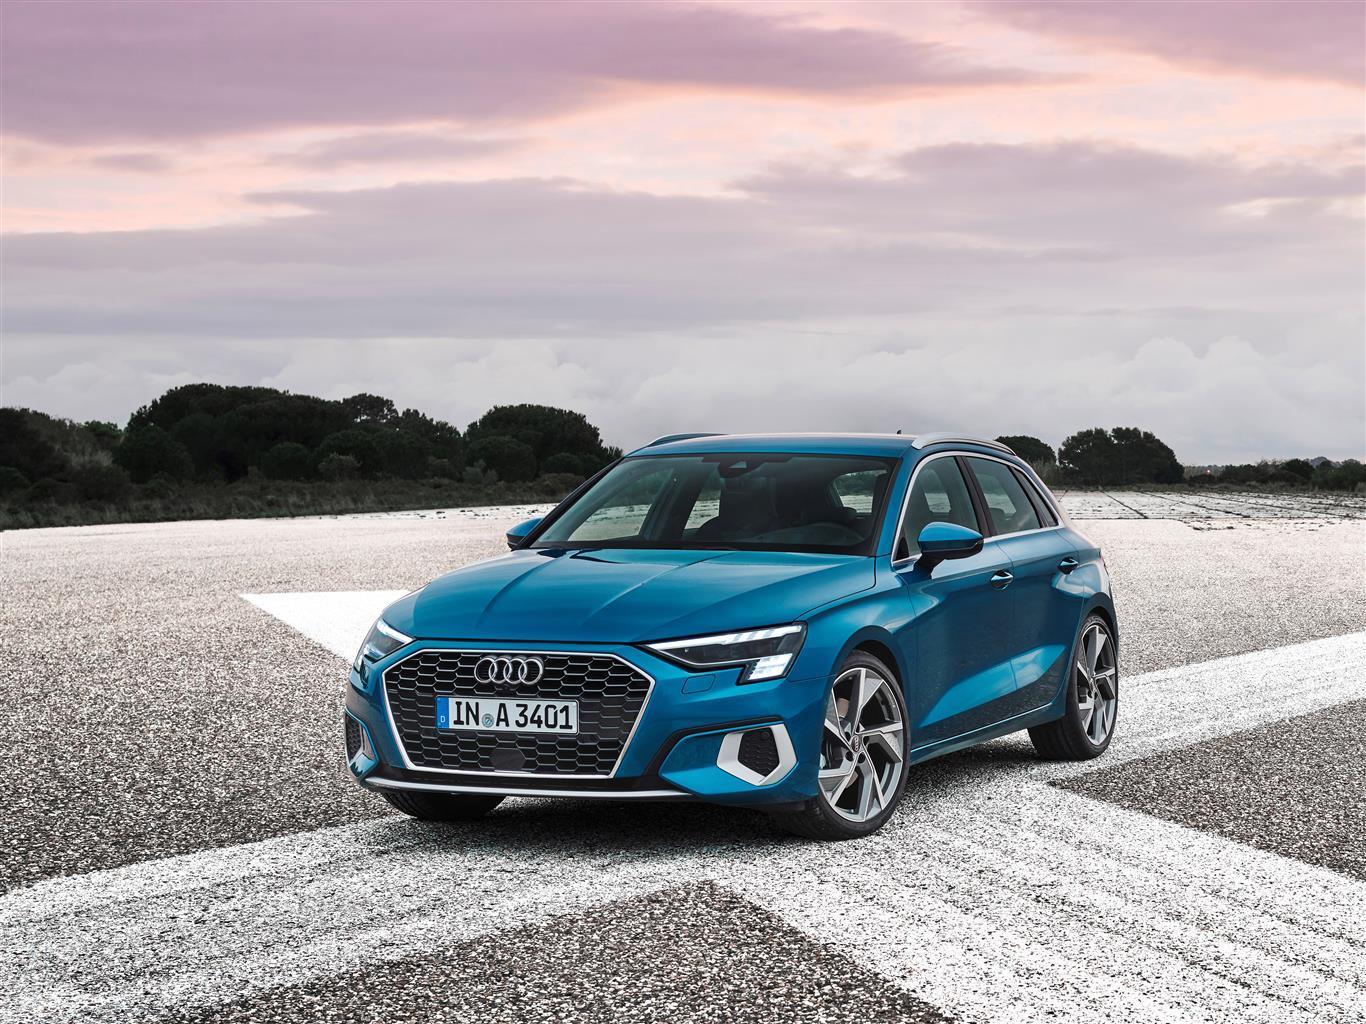 Audi A3 - Quattro generazioni